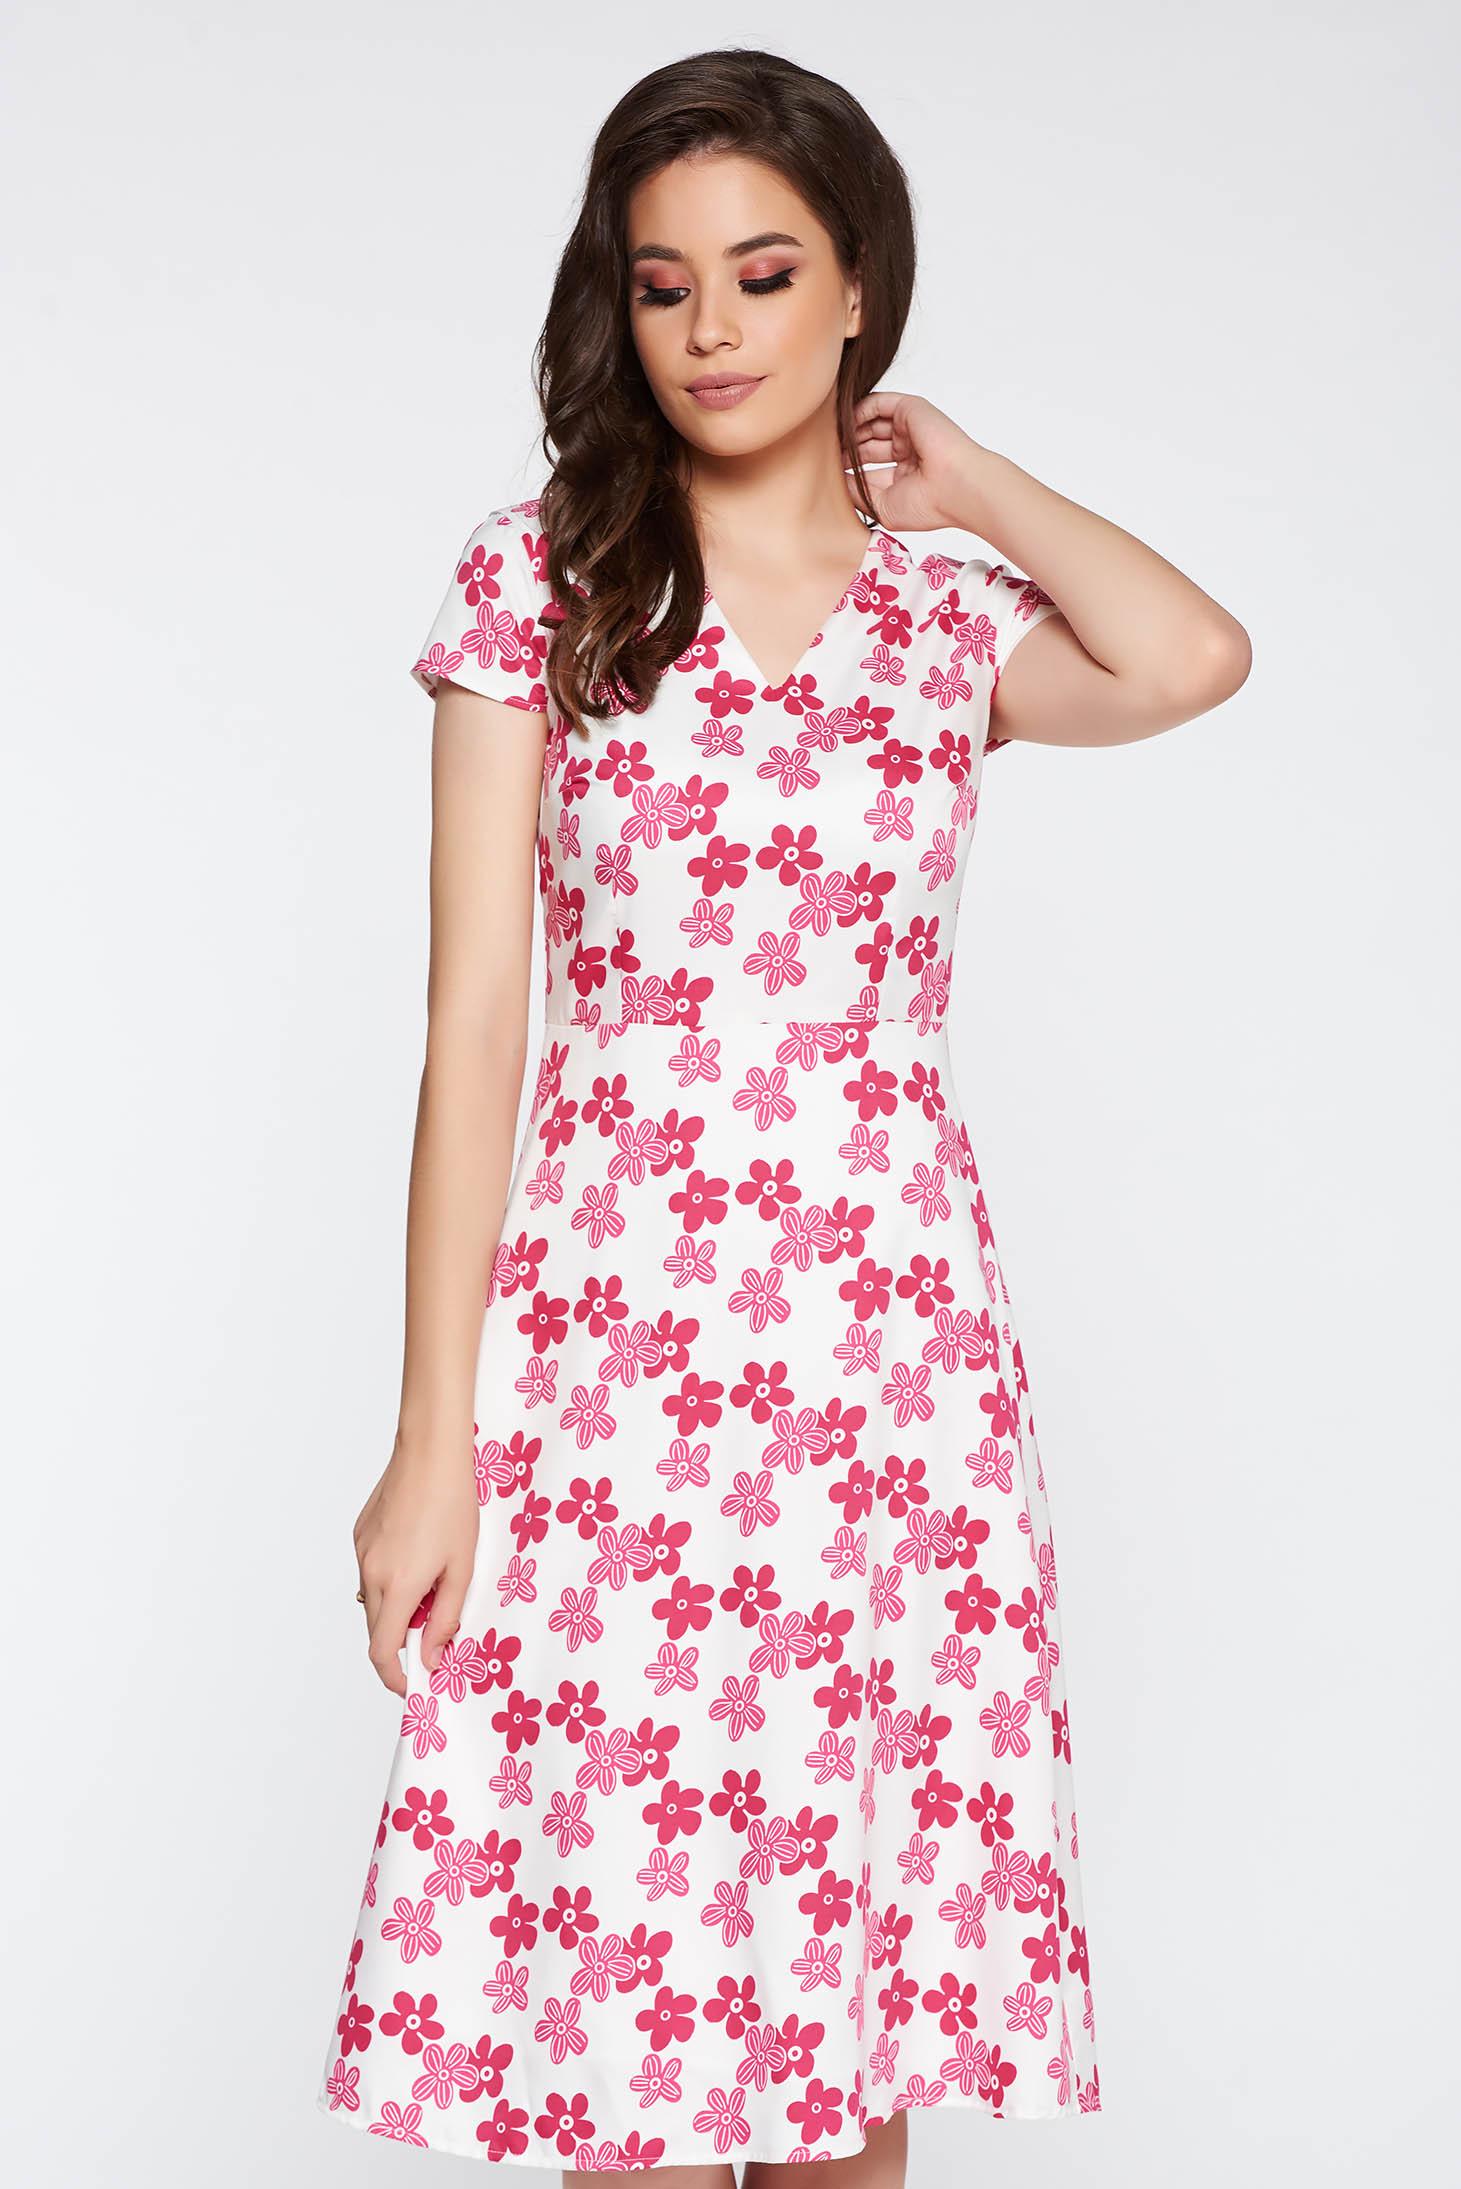 Világos rózsaszín elegáns harang ruha enyhén rugalmas anyag virágmintás  díszítéssel v-dekoltázzsal cb16a95a9a